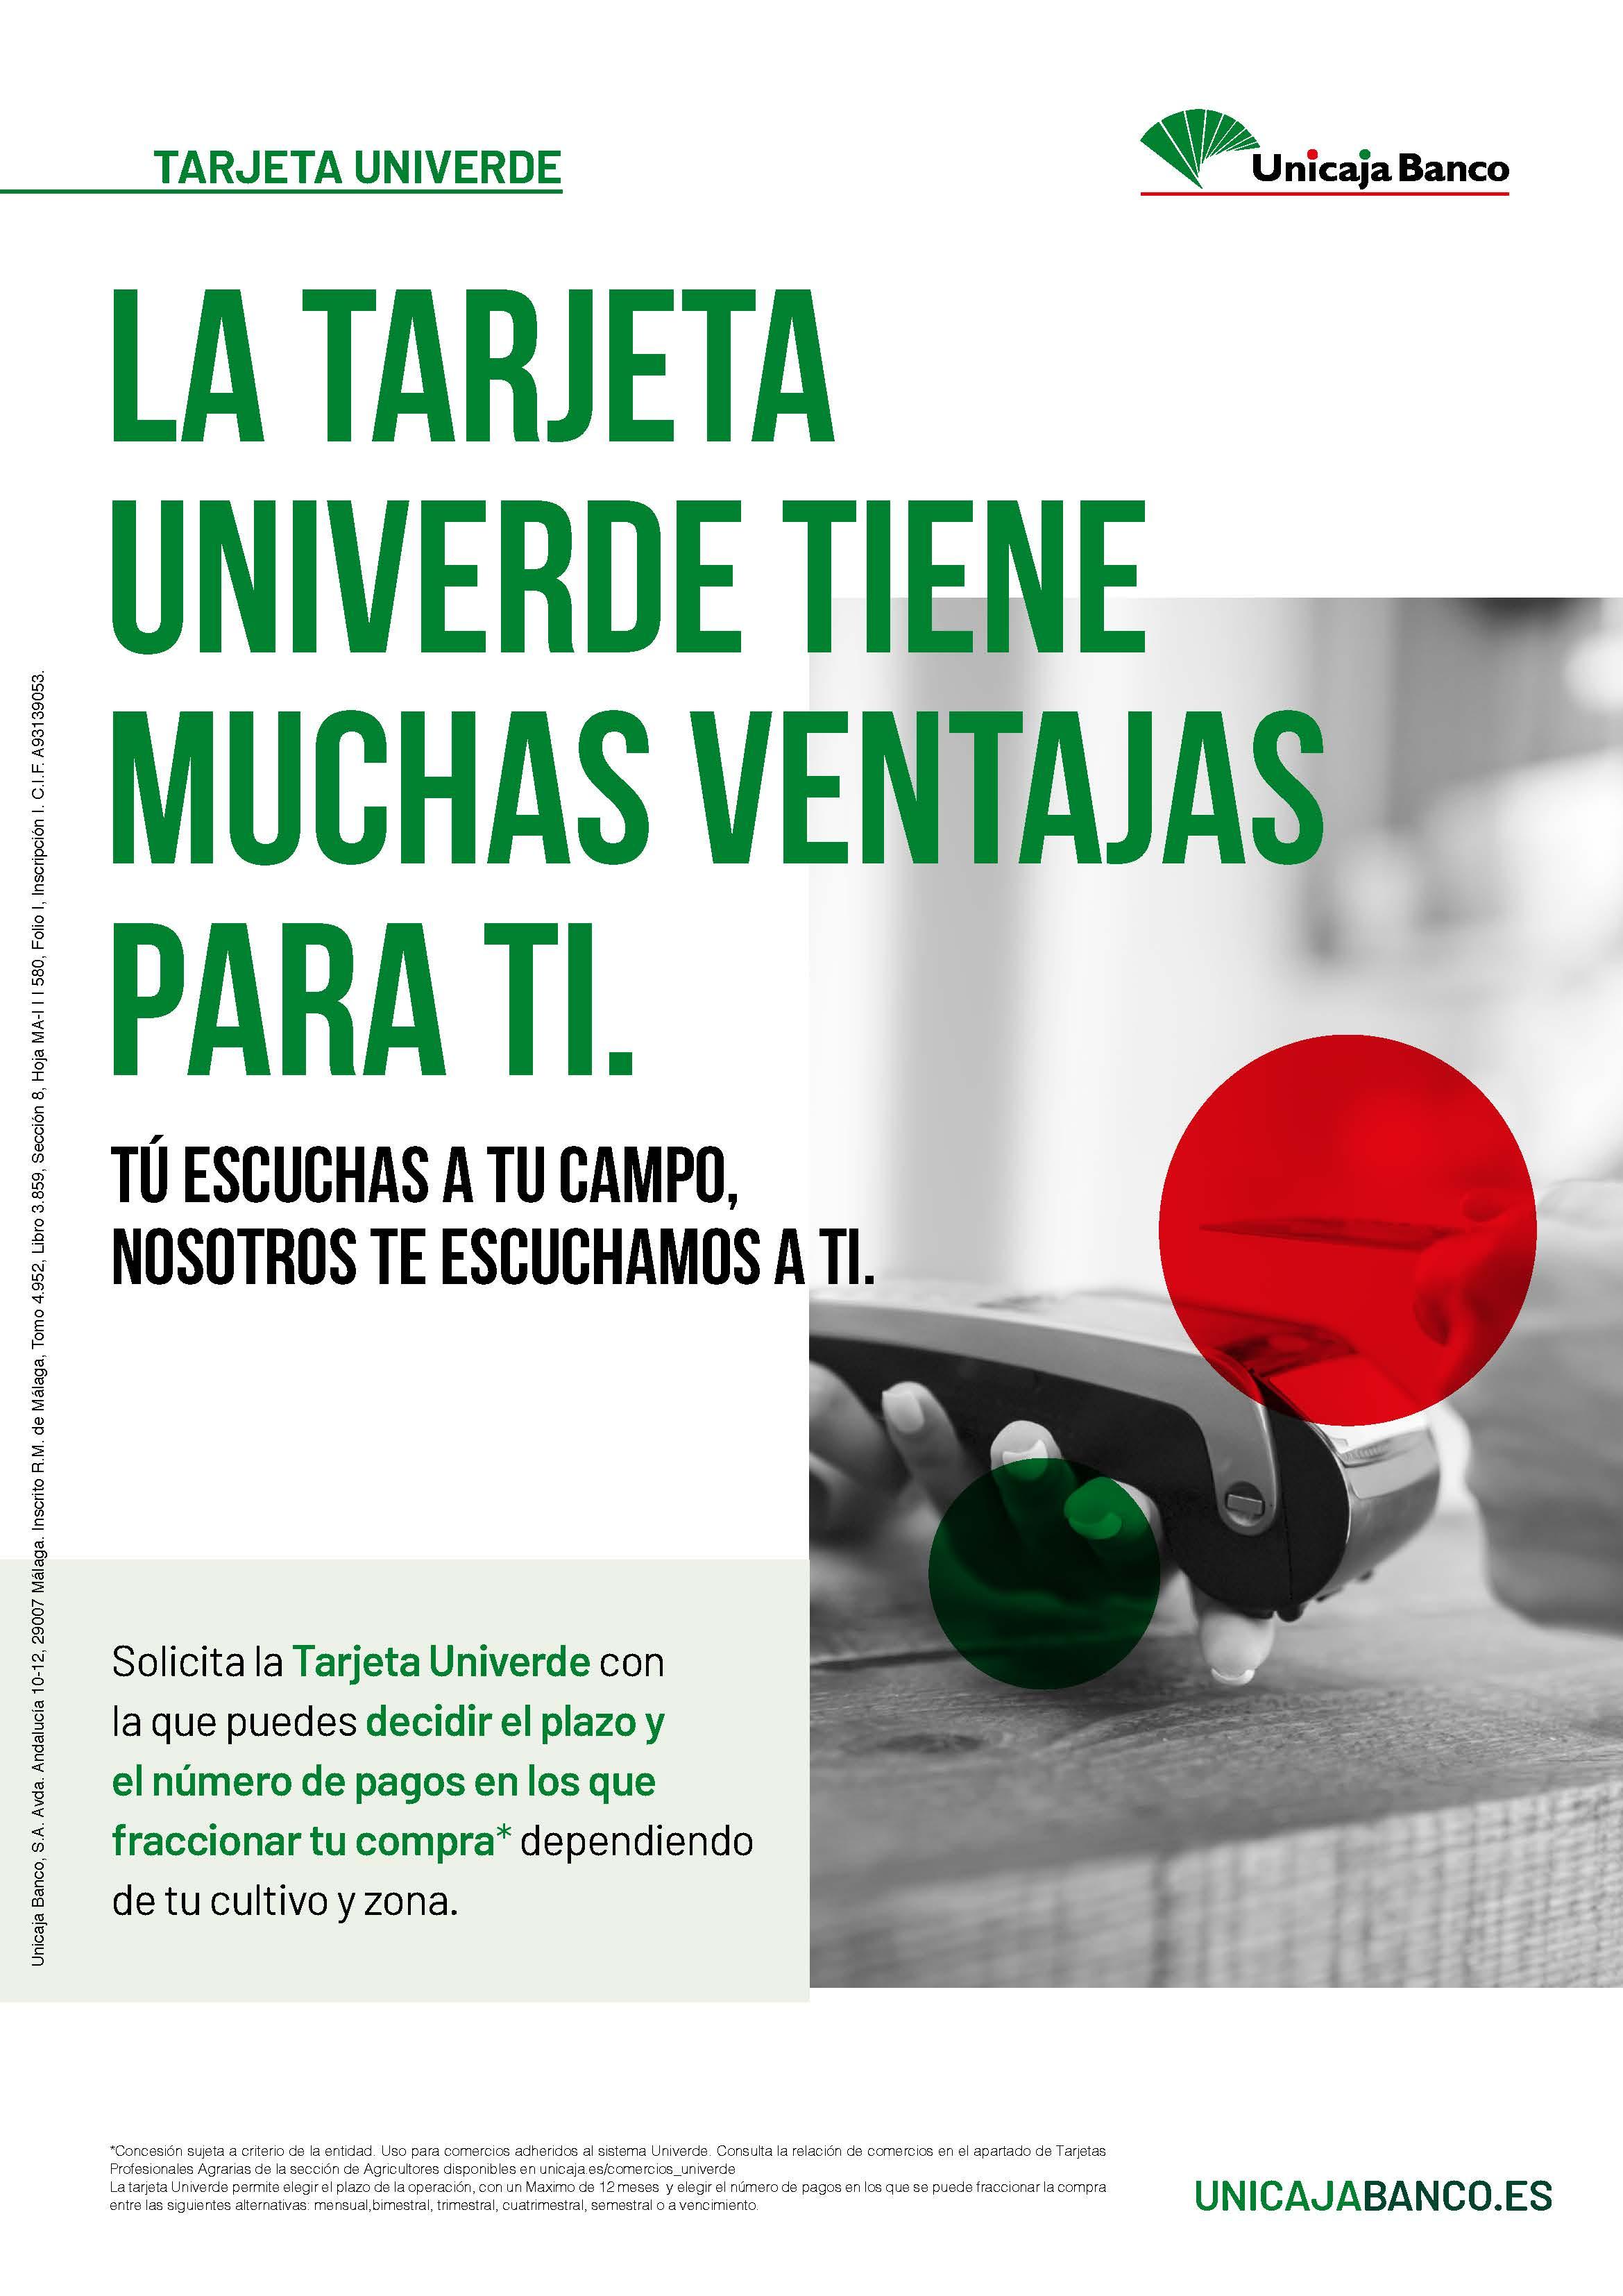 Unicaja_Banco._Credito_Univerde